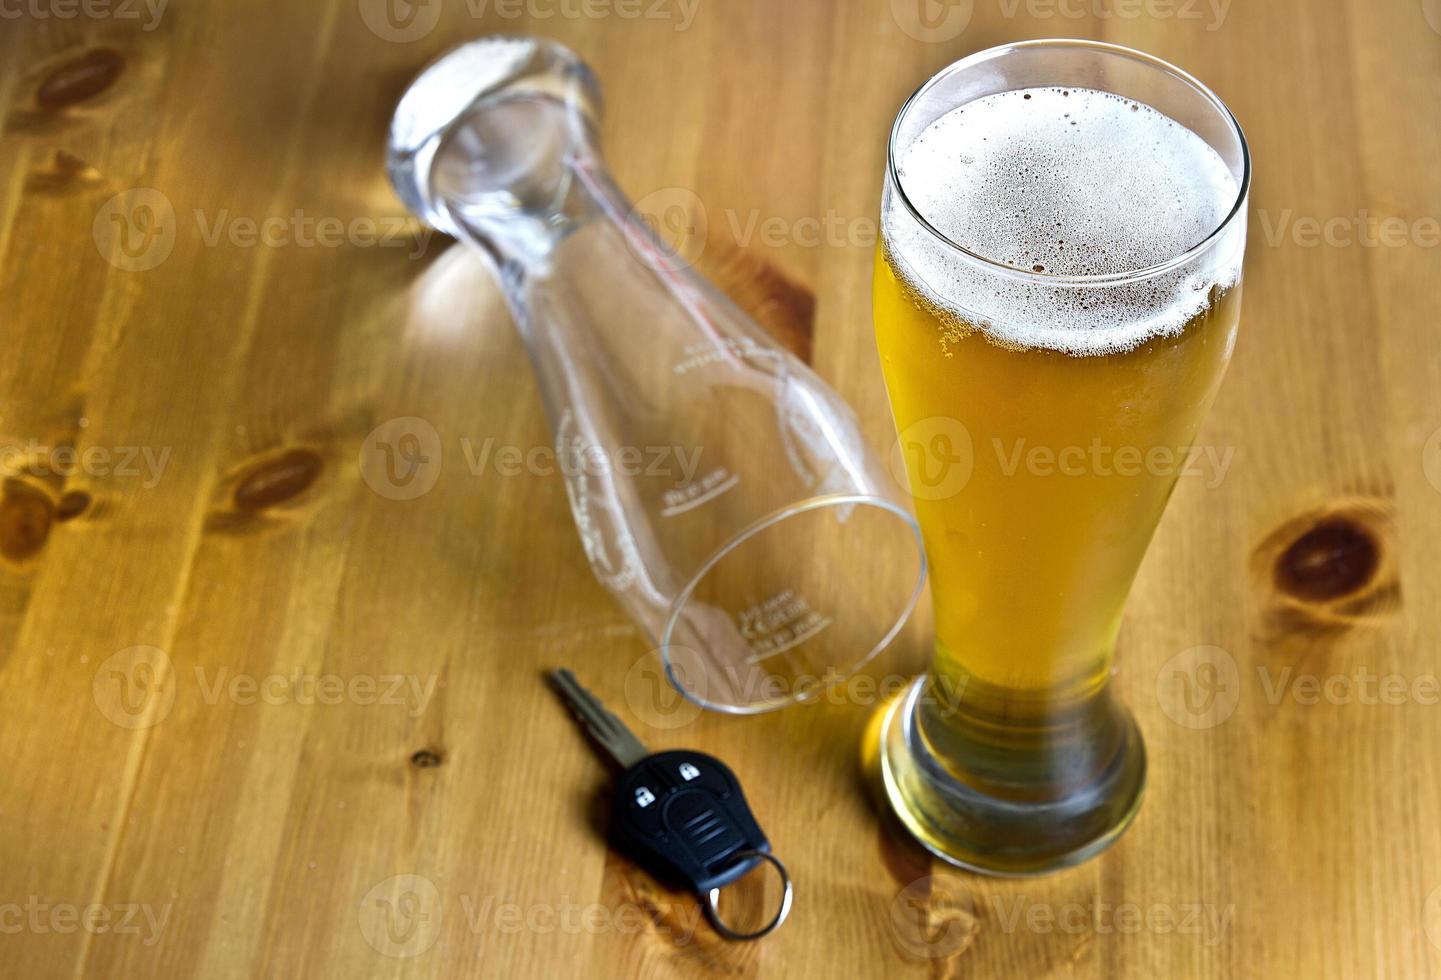 boire de l'alcool et conduire au concept photo